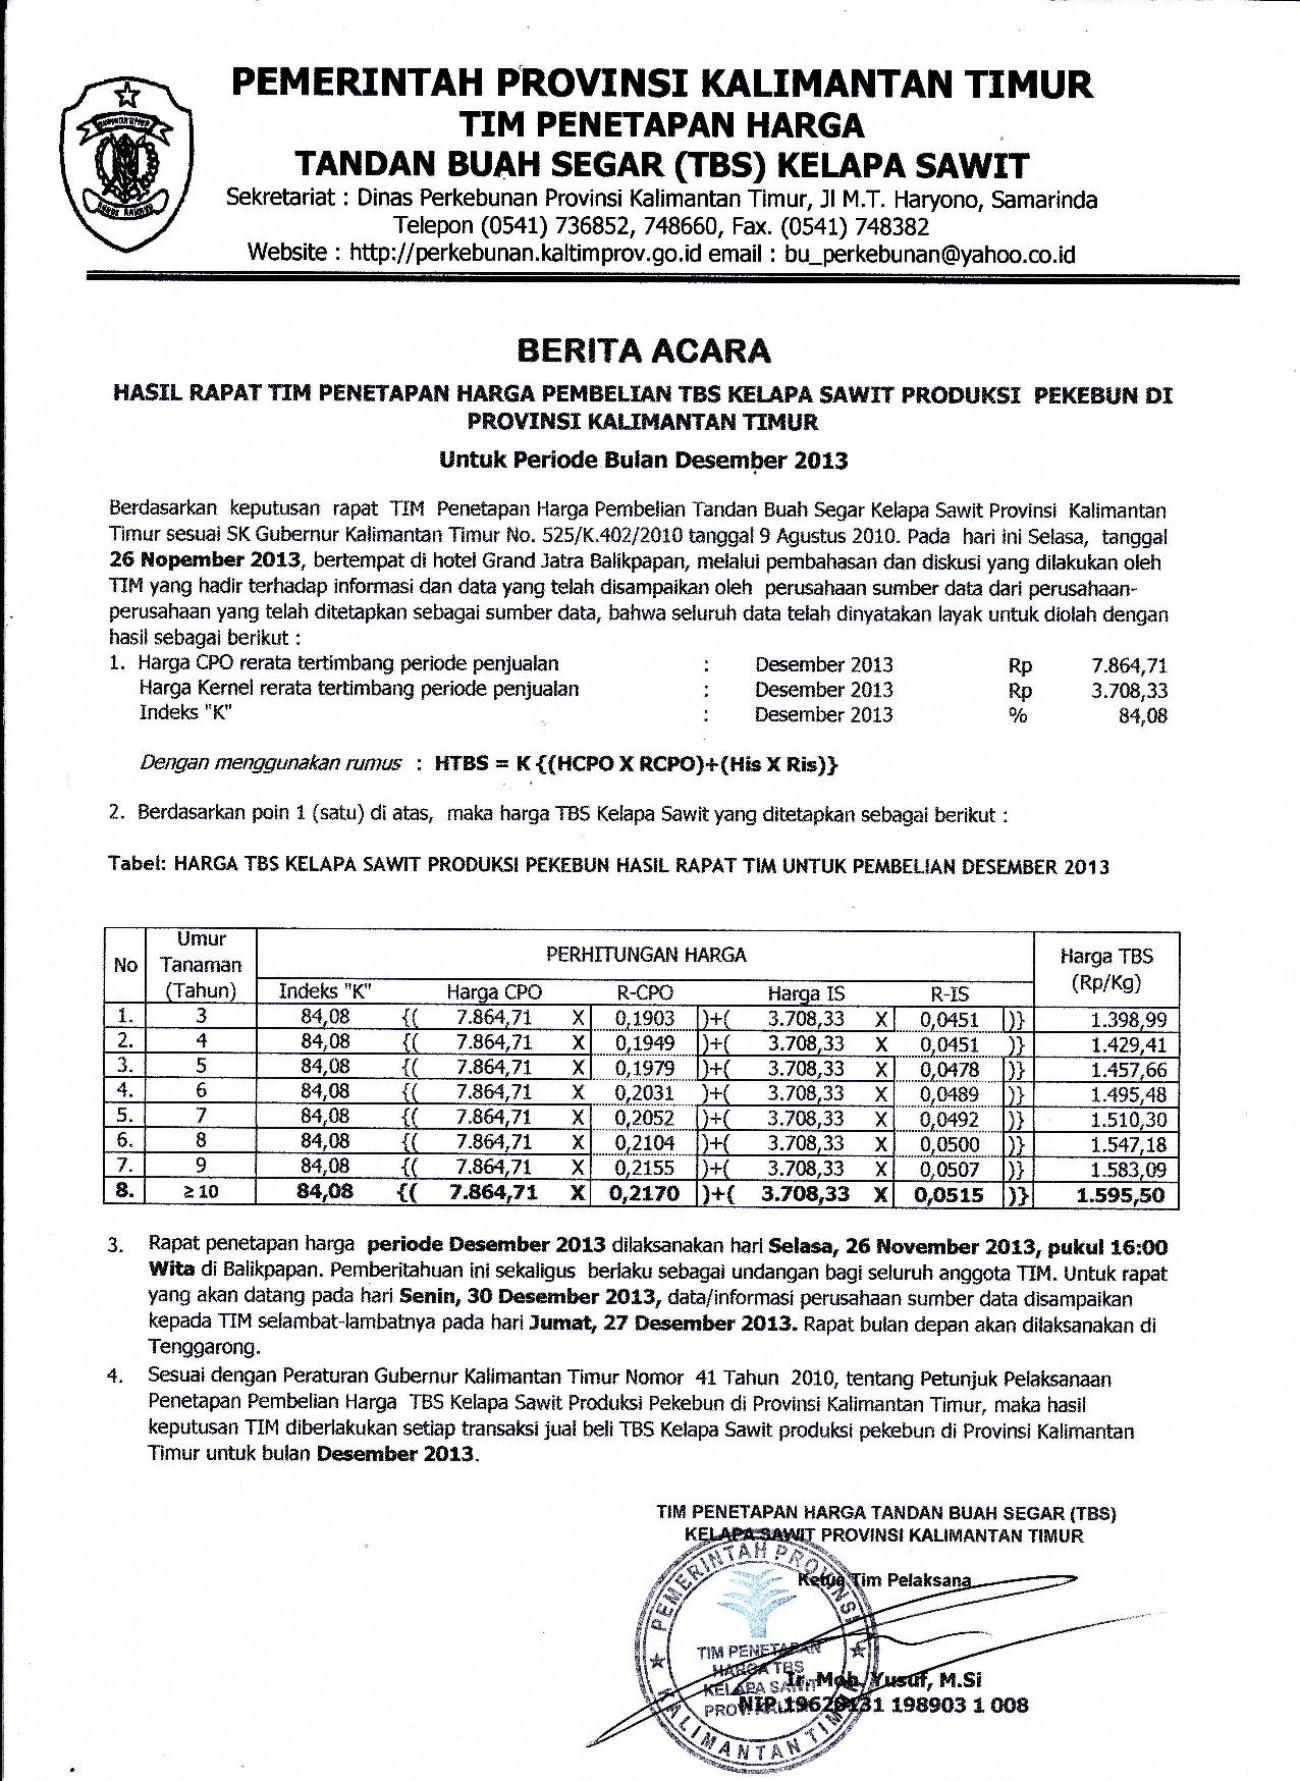 Informasi Harga TBS Kelapa Sawit Bulan Desember 2013